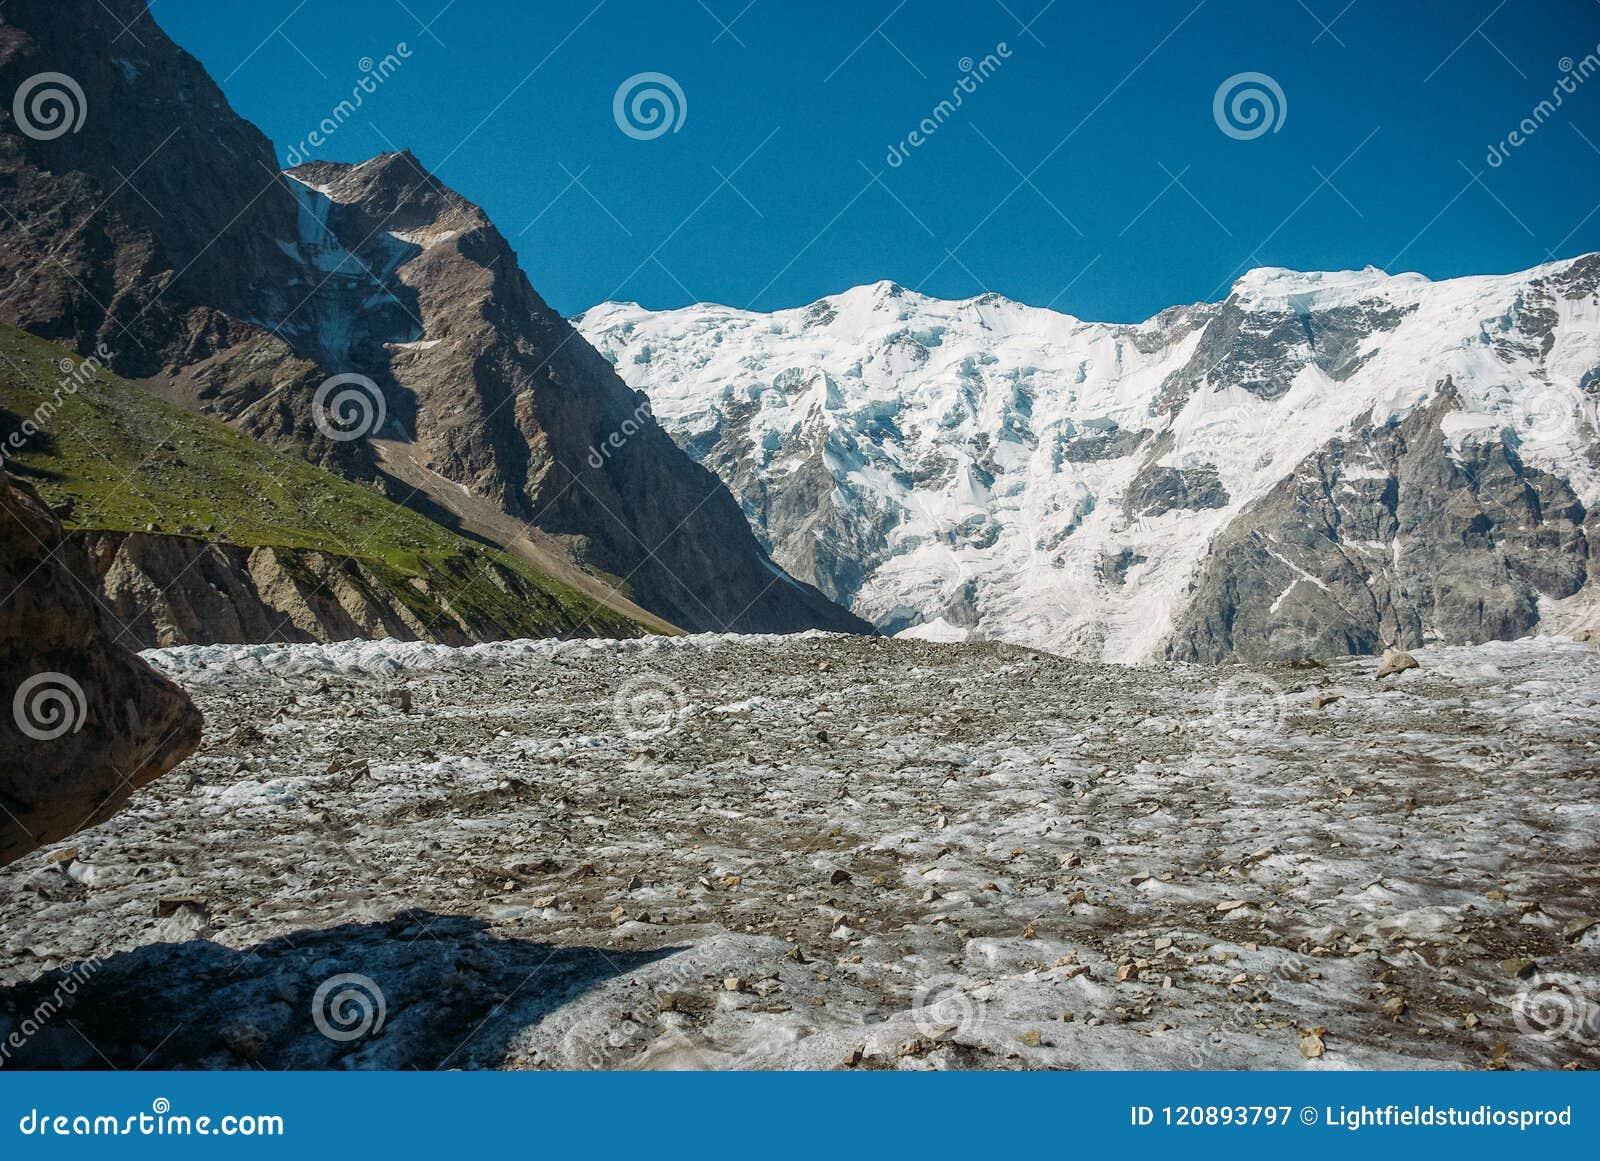 красивые снежные горы, Российская Федерация, Кавказ,